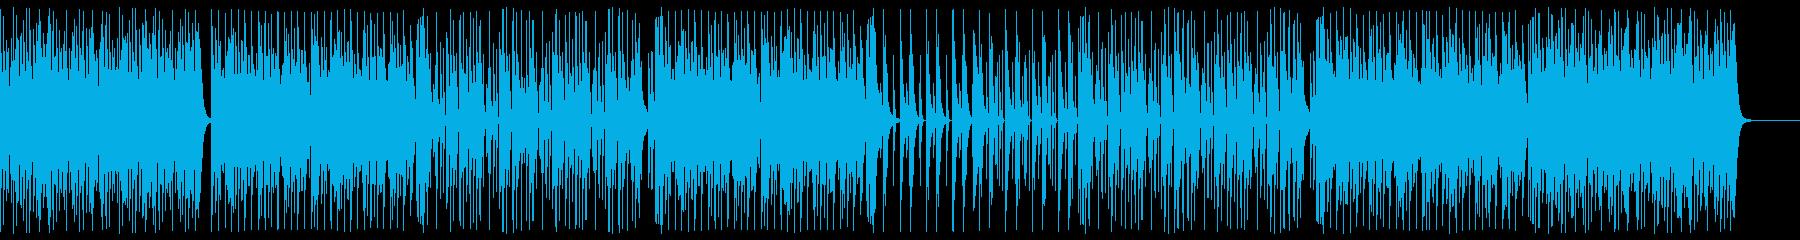 コミカルでポップなテクノシンセサウンドの再生済みの波形